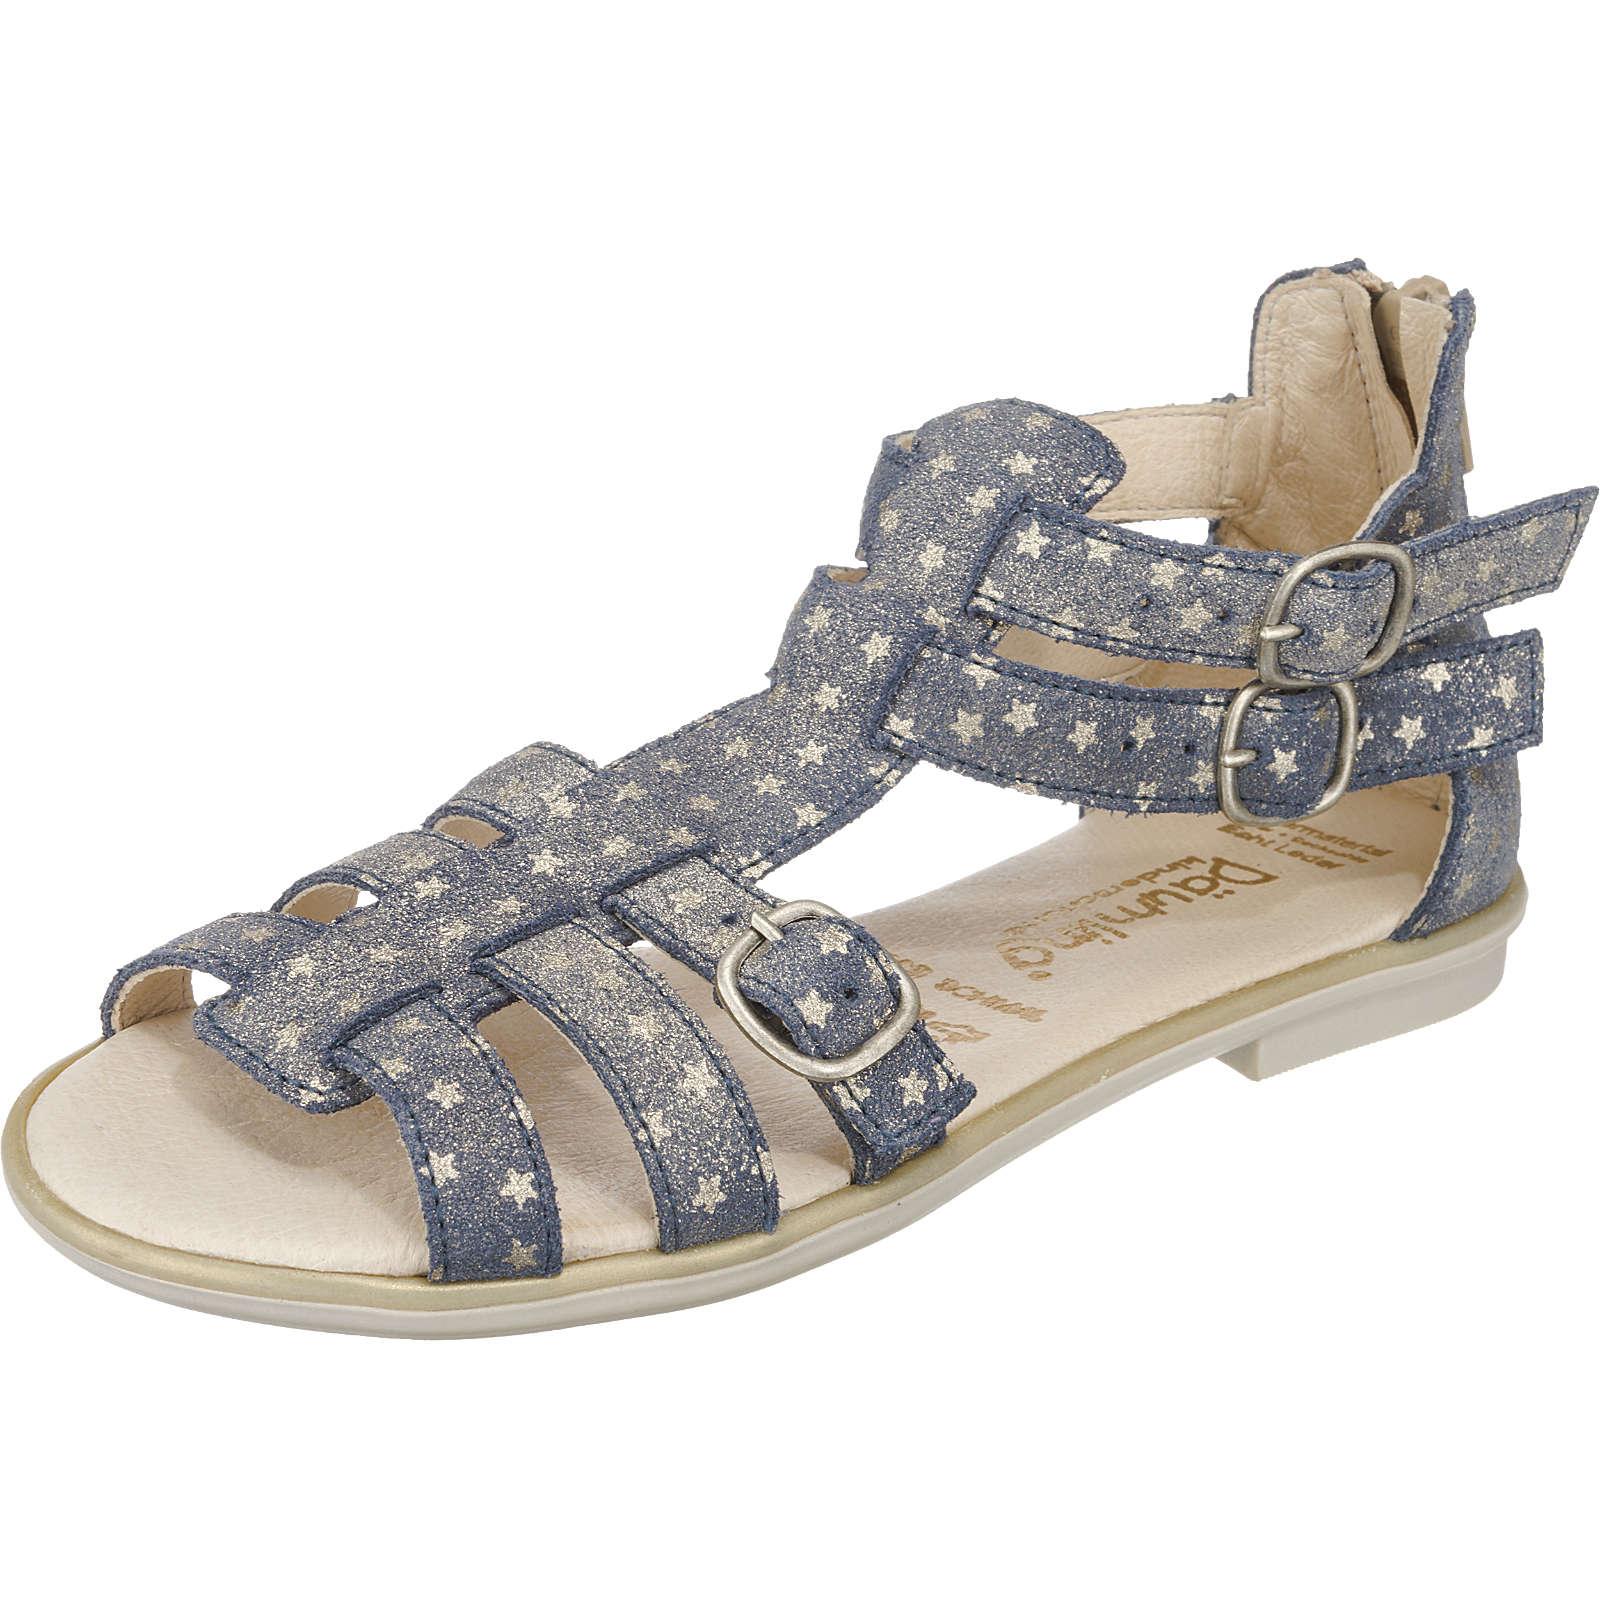 Däumling Sandalen für Mädchen, Weite S für schmale Füße blau Mädchen Gr. 31